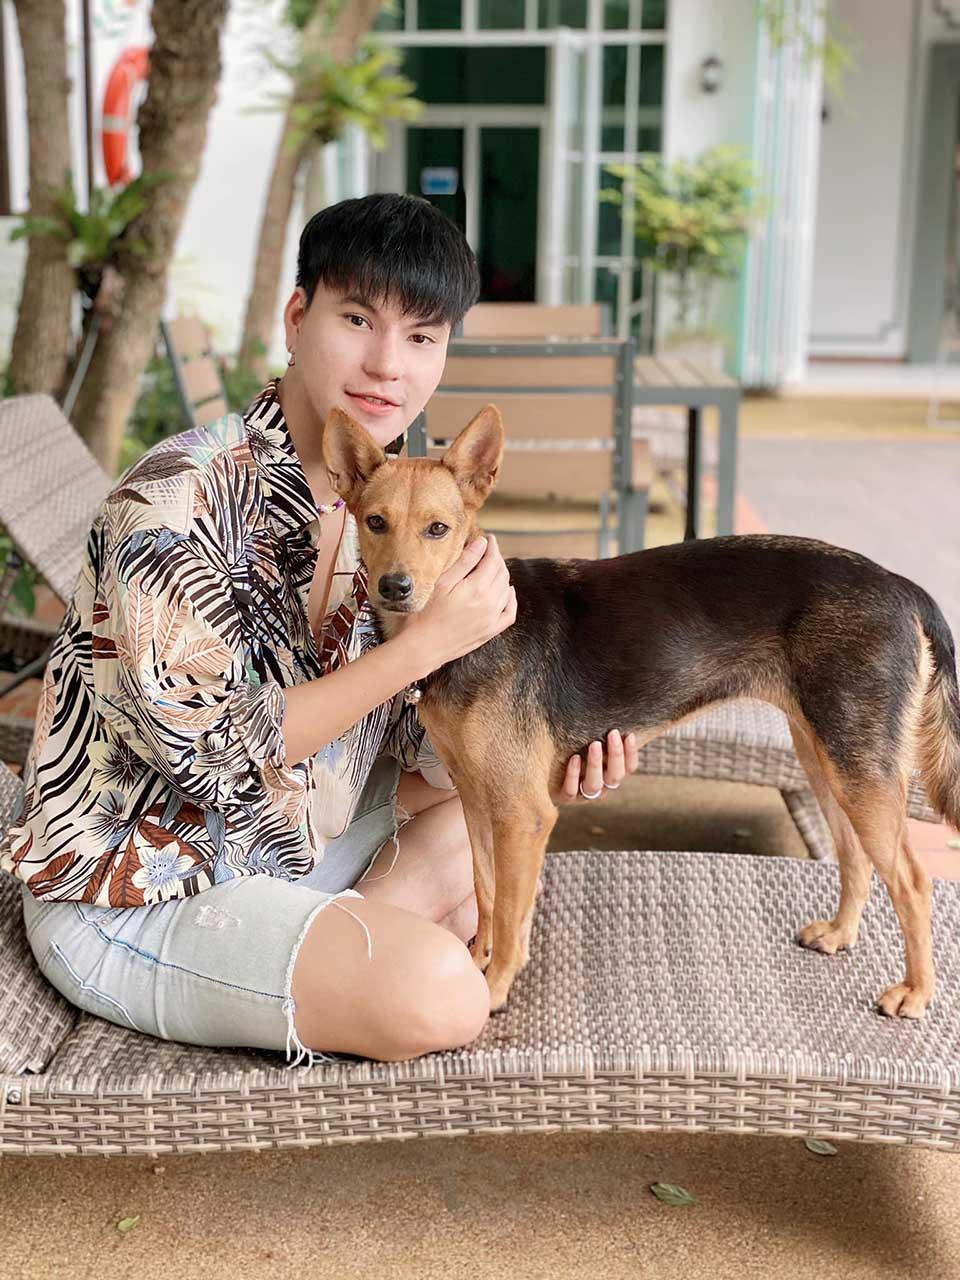 Chico con resaca rescata un perro